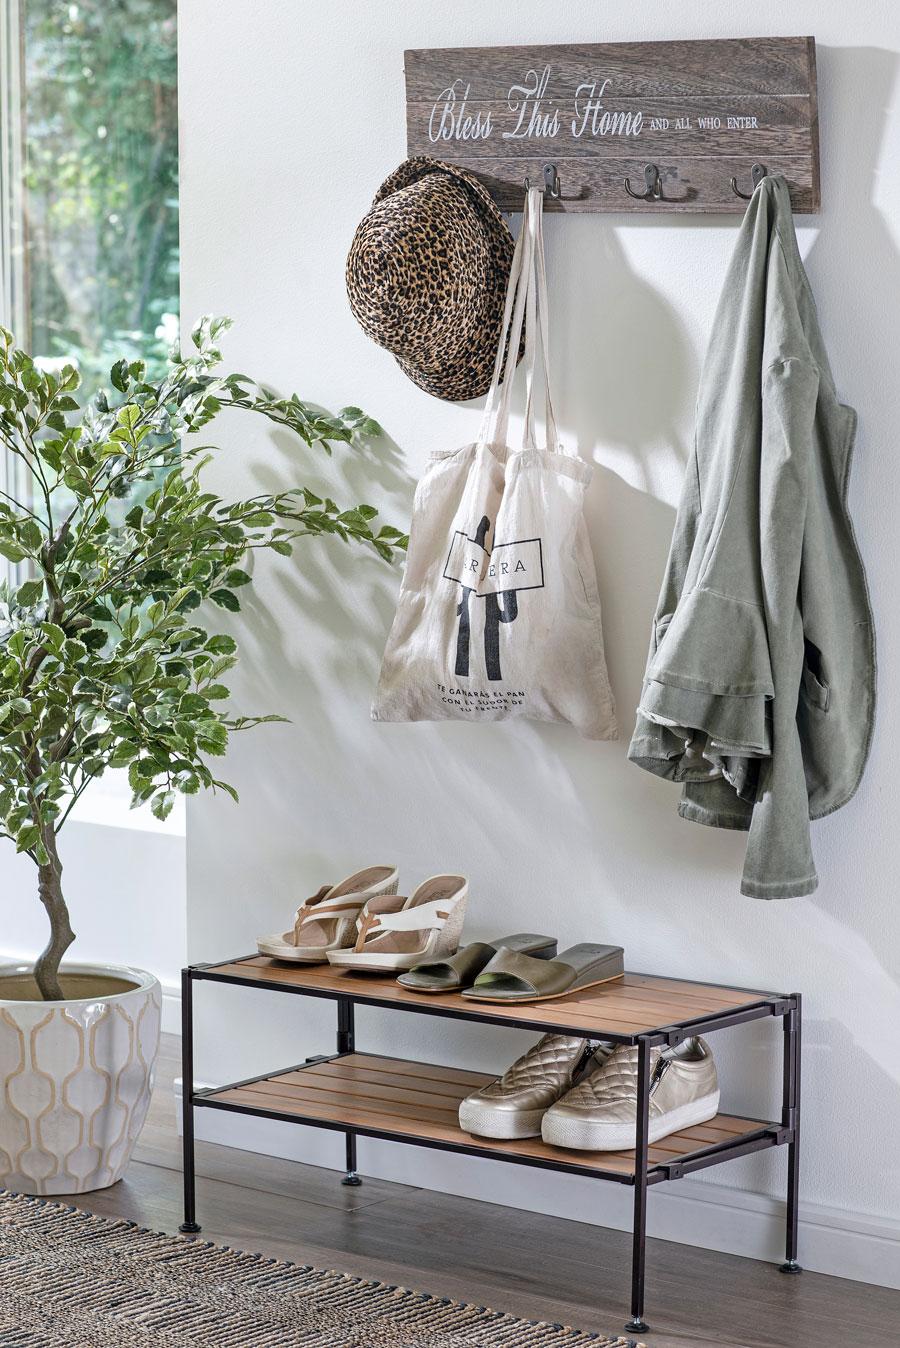 Entrada con perchero y mueble zapatero, y planta